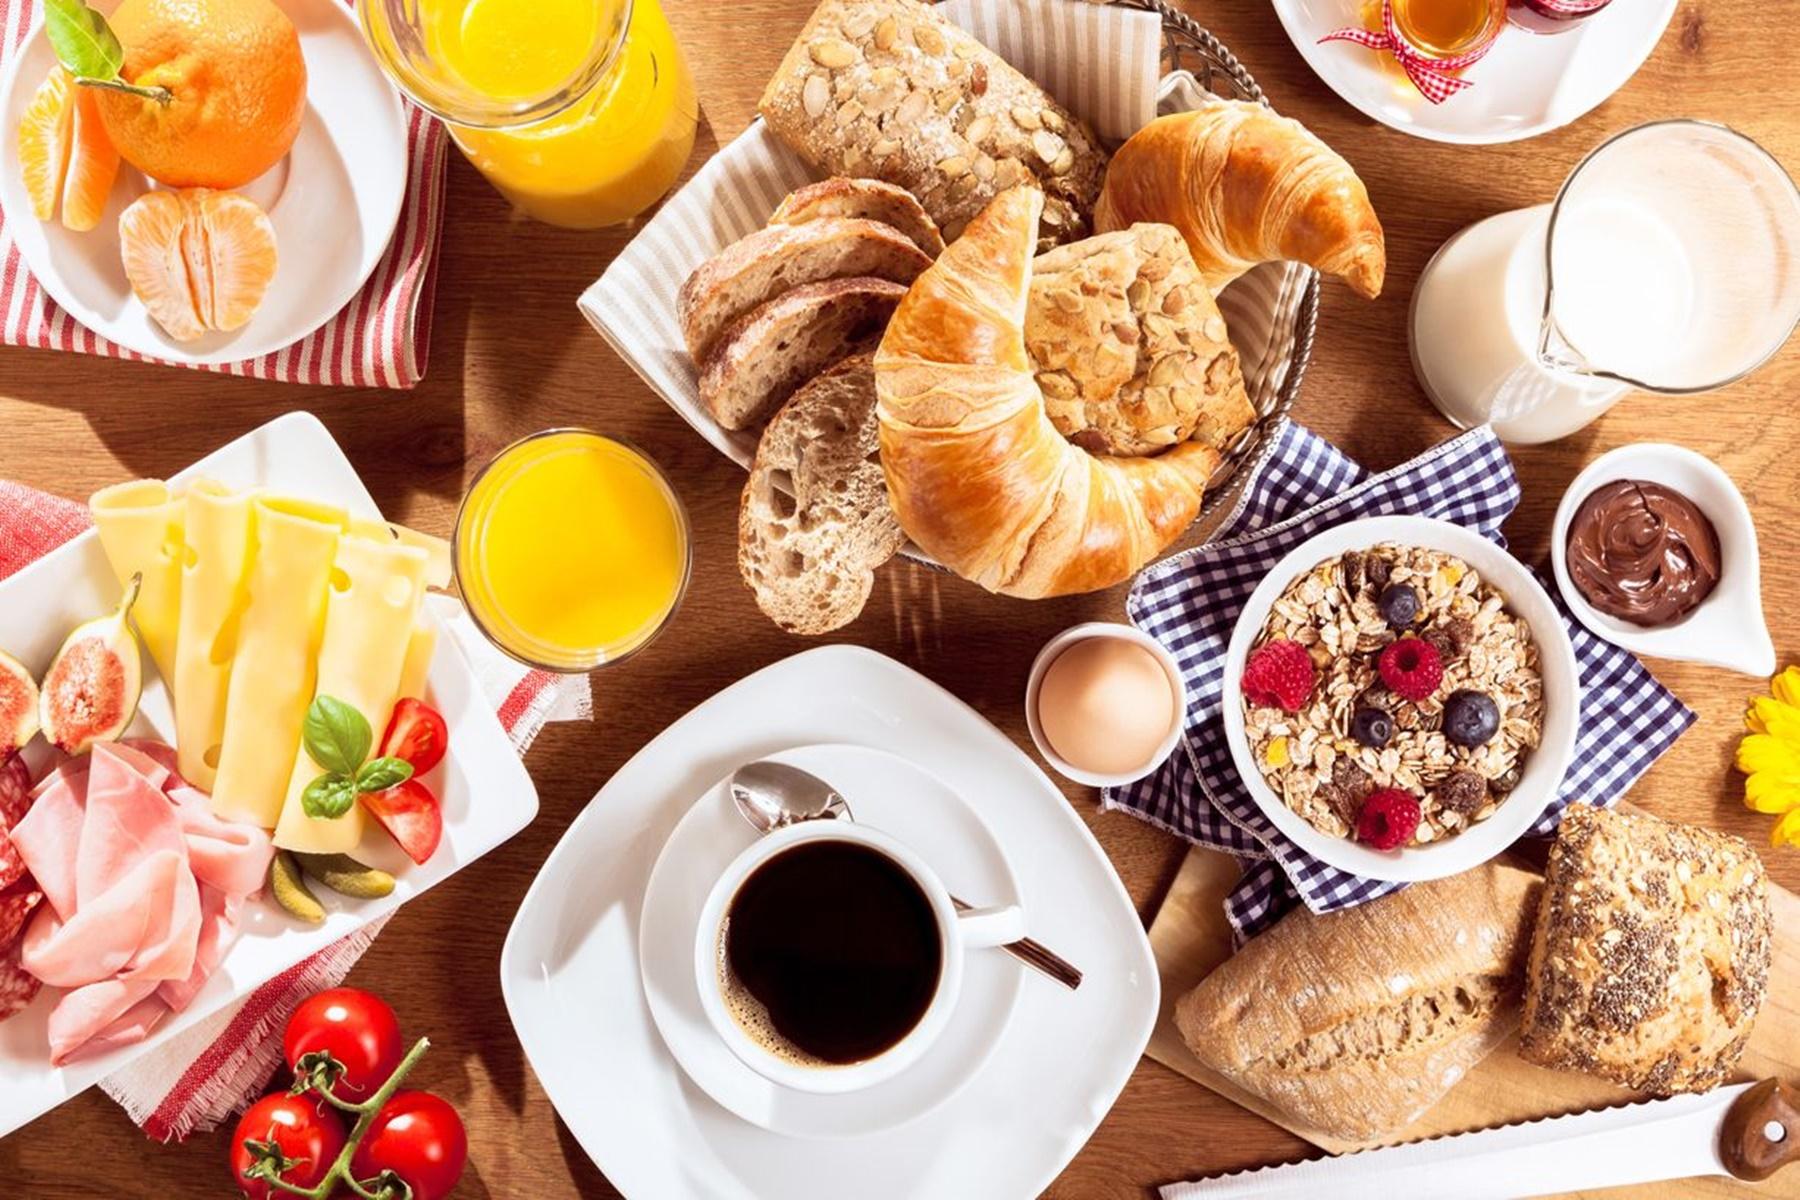 Πρωινό : Λύσεις για γρήγορες και υγιεινές επιλογές